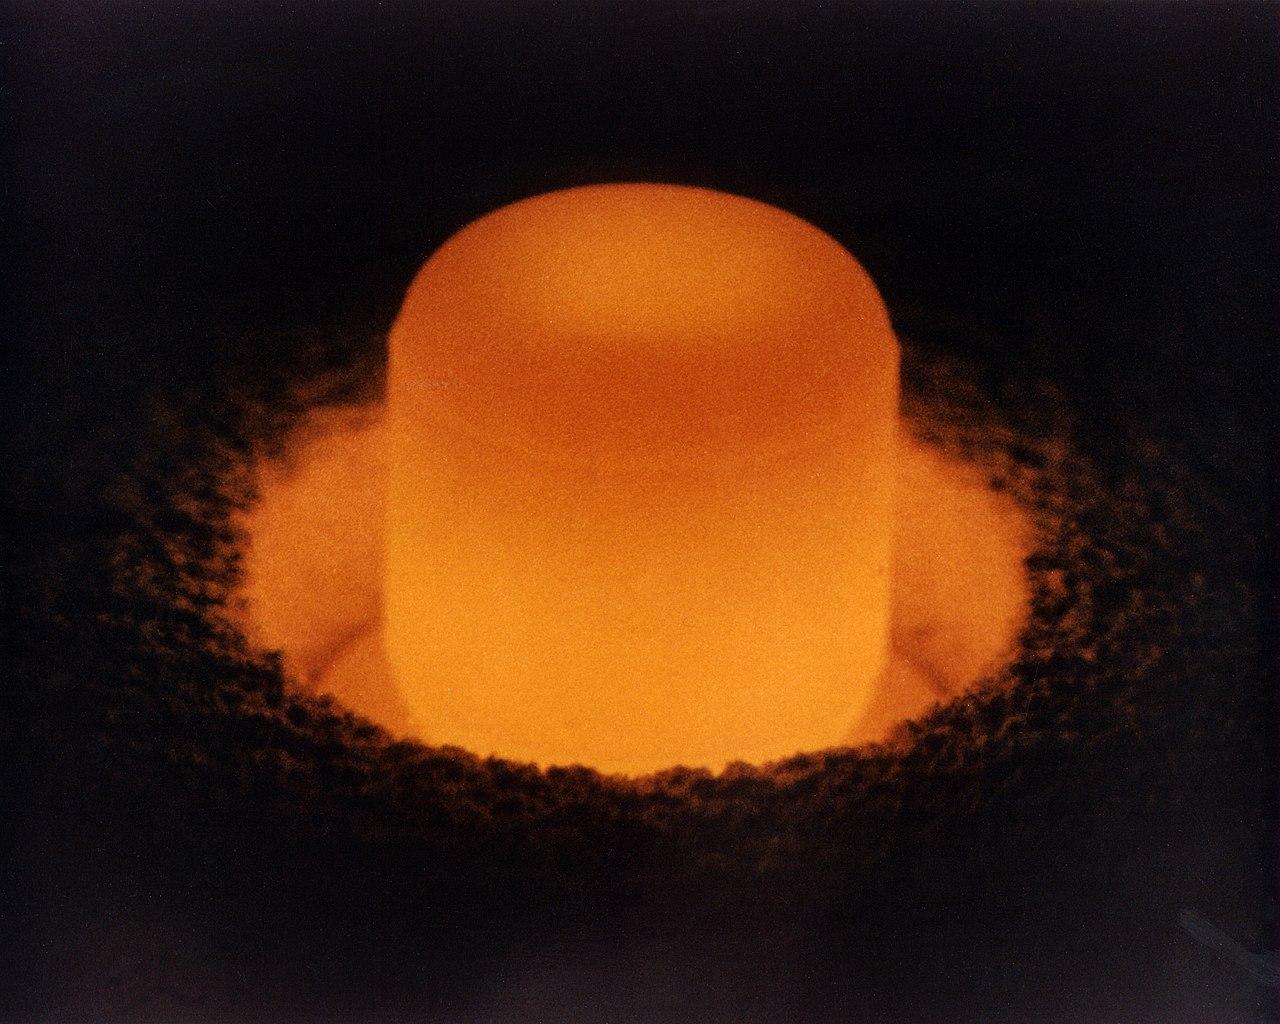 Nuclear Physics Photo